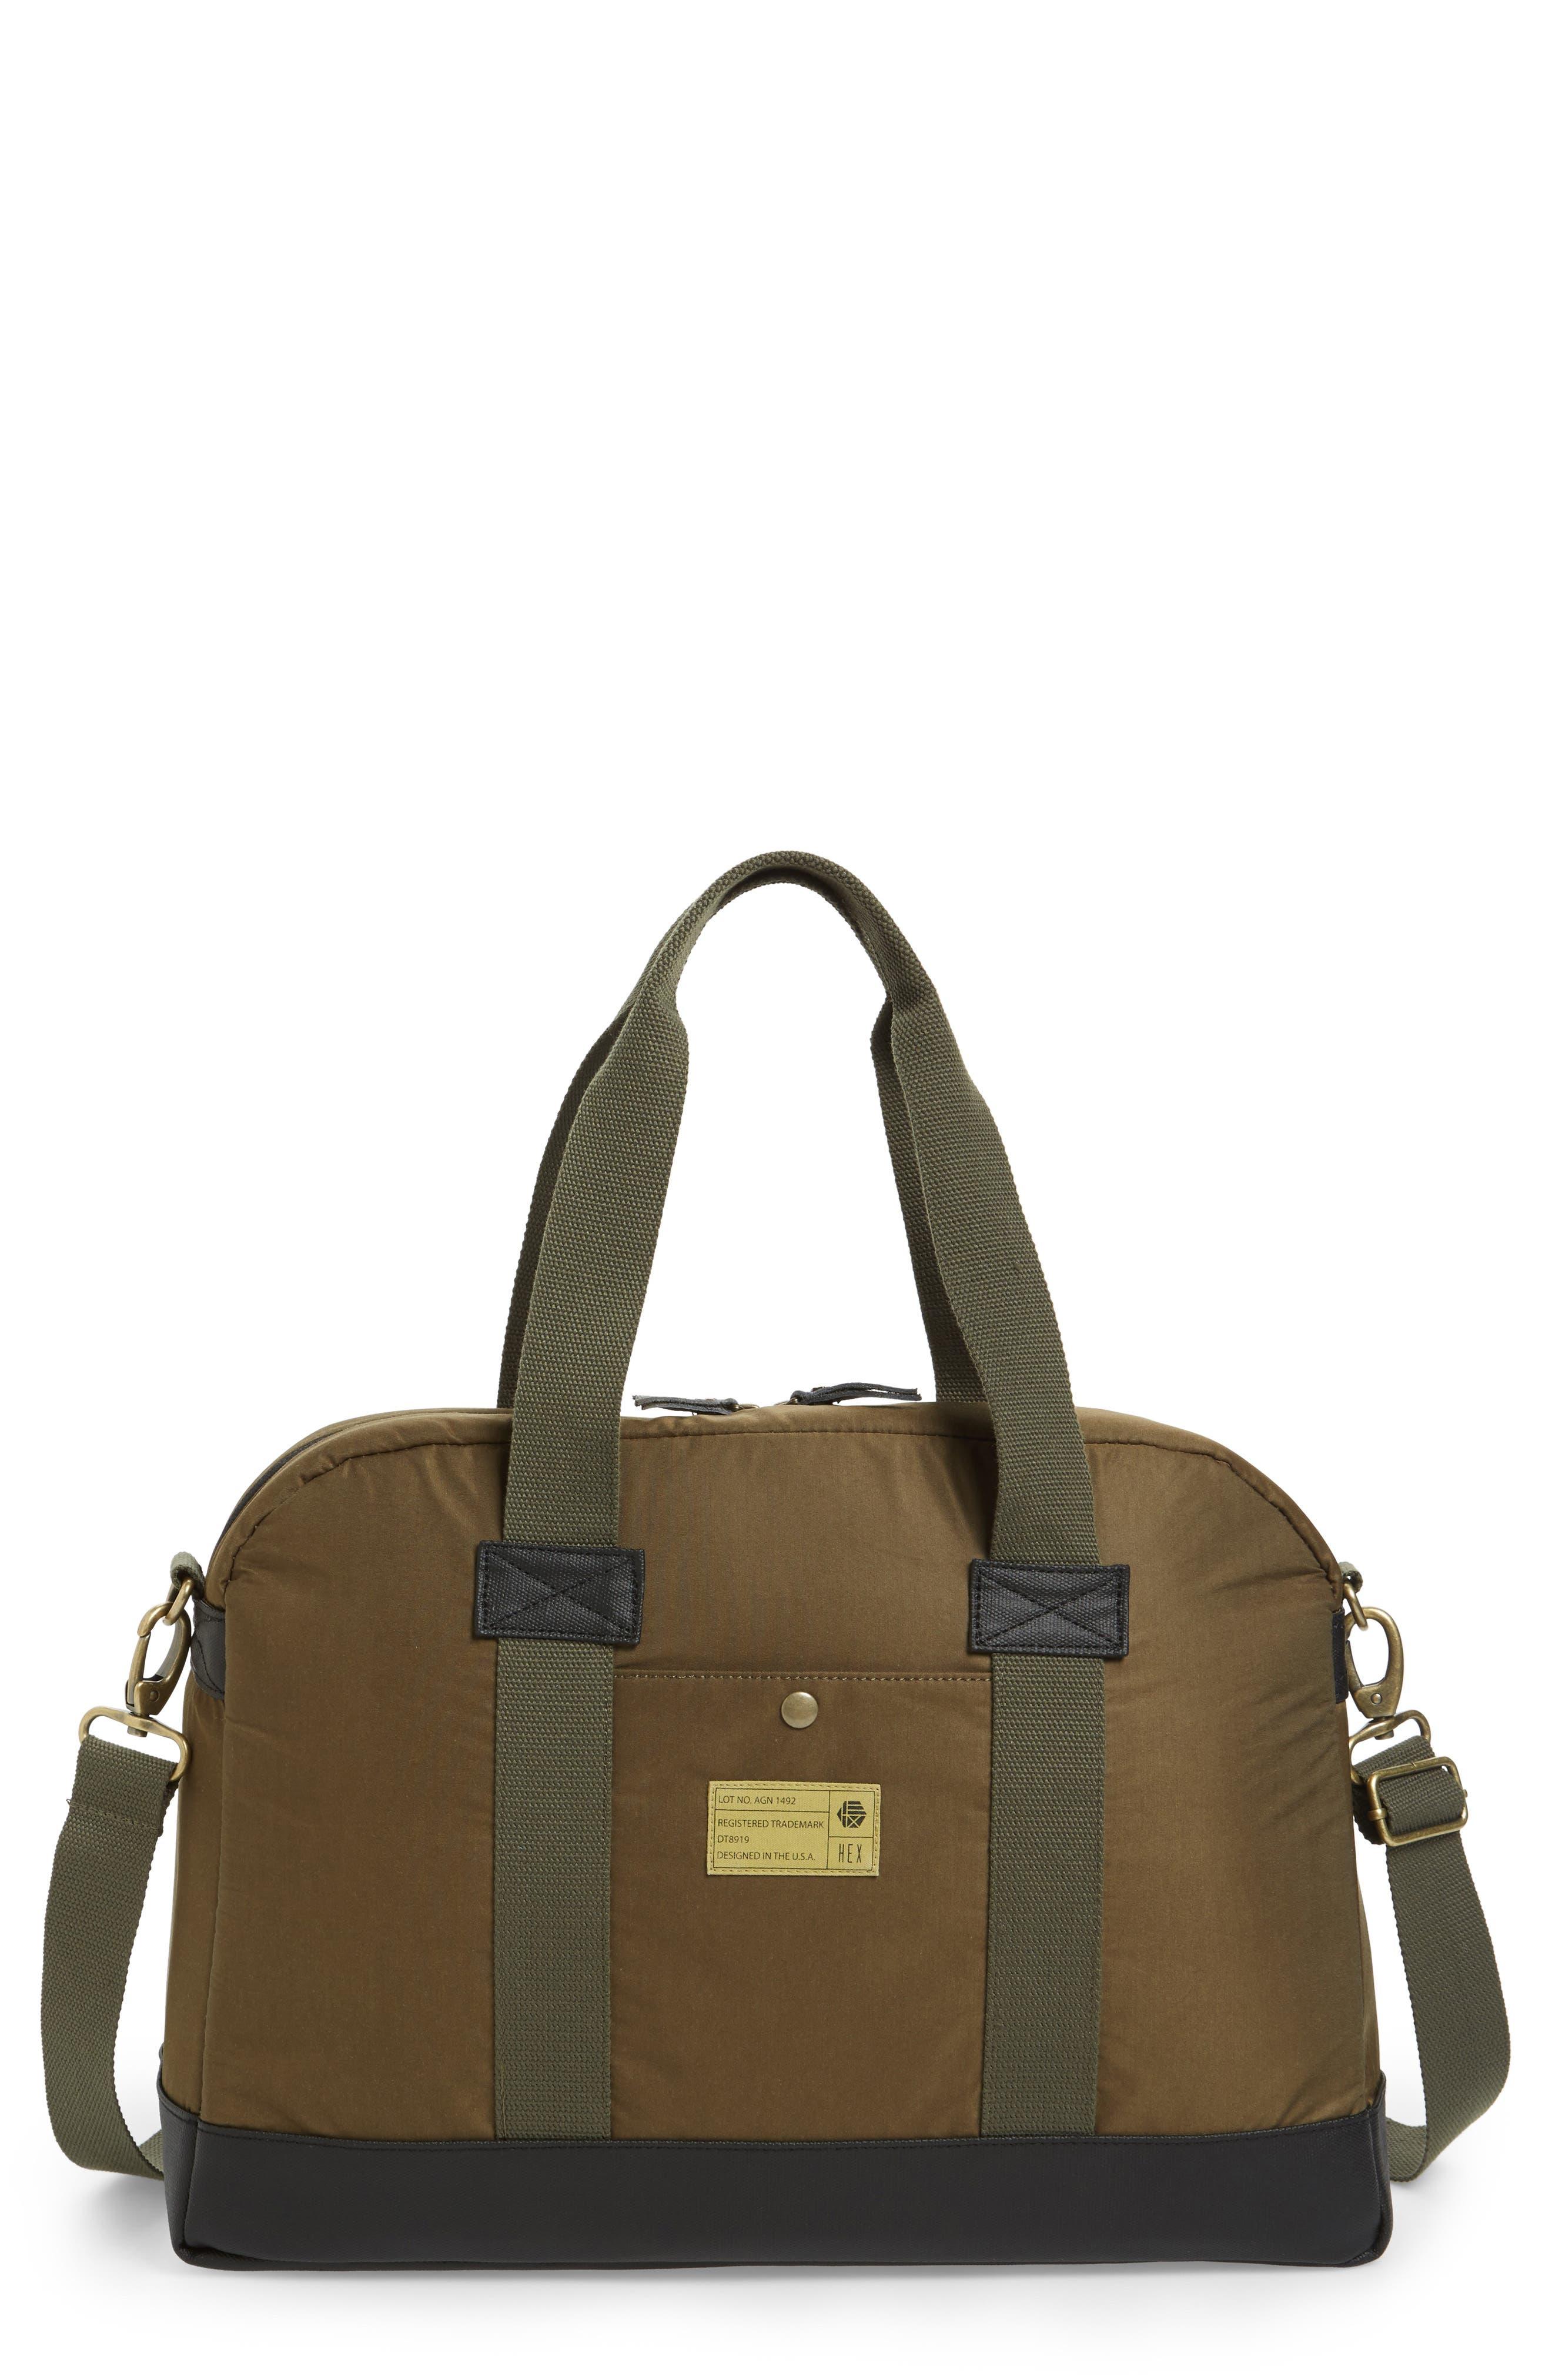 Alternate Image 1 Selected - HEX Laptop Duffel Bag